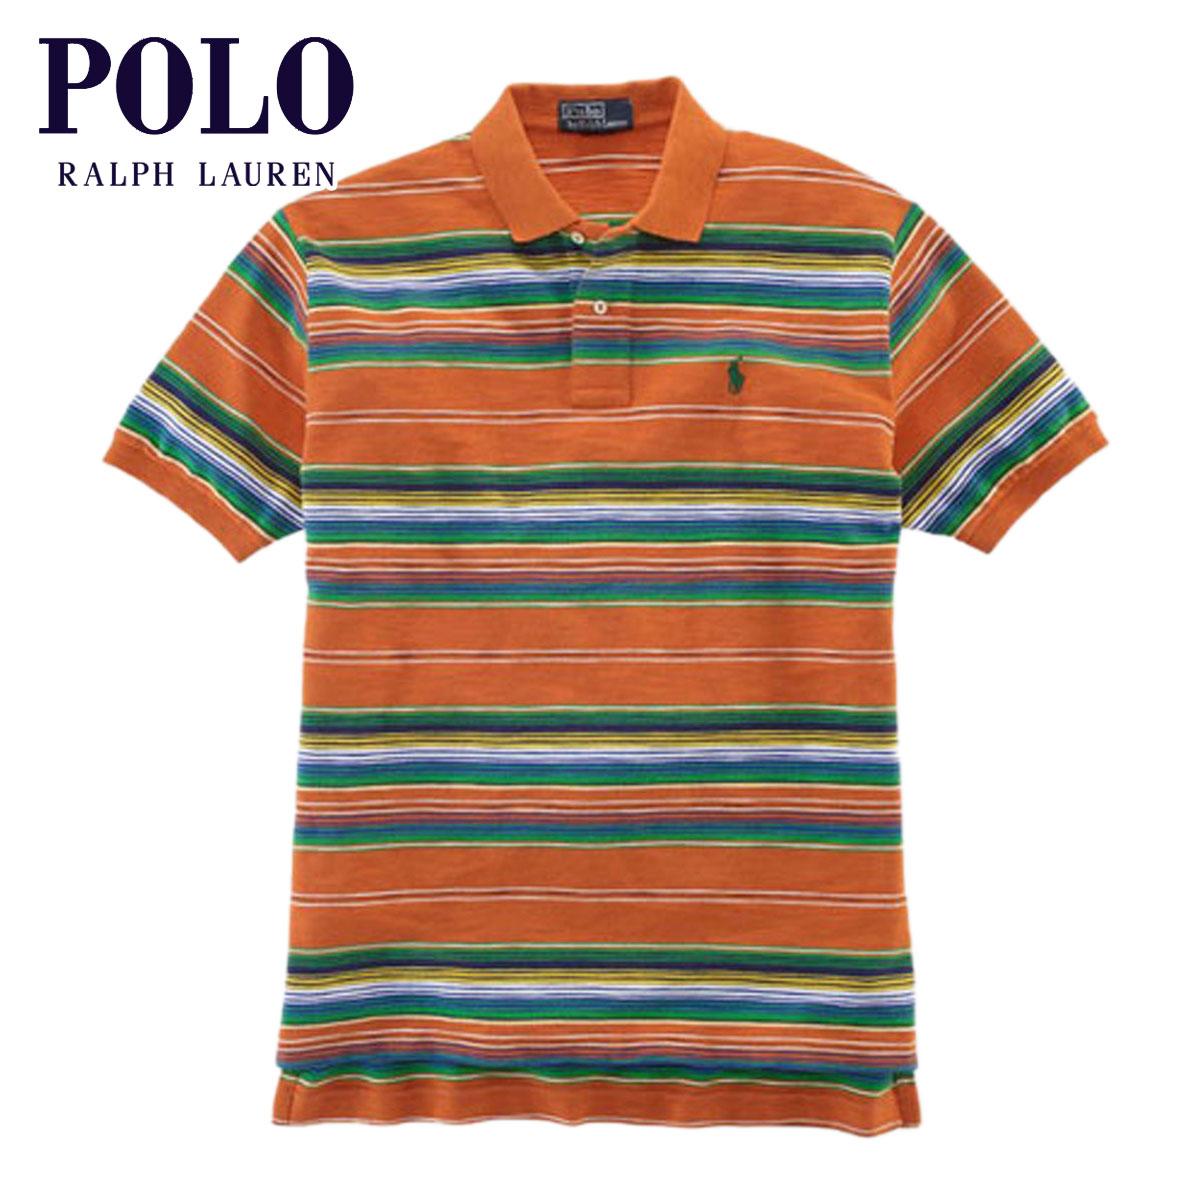 ポロ ラルフローレン POLO RALPH LAUREN 正規品 メンズ ポロシャツ Classic-Fit Multi-Striped Polo ORANGE D20S30